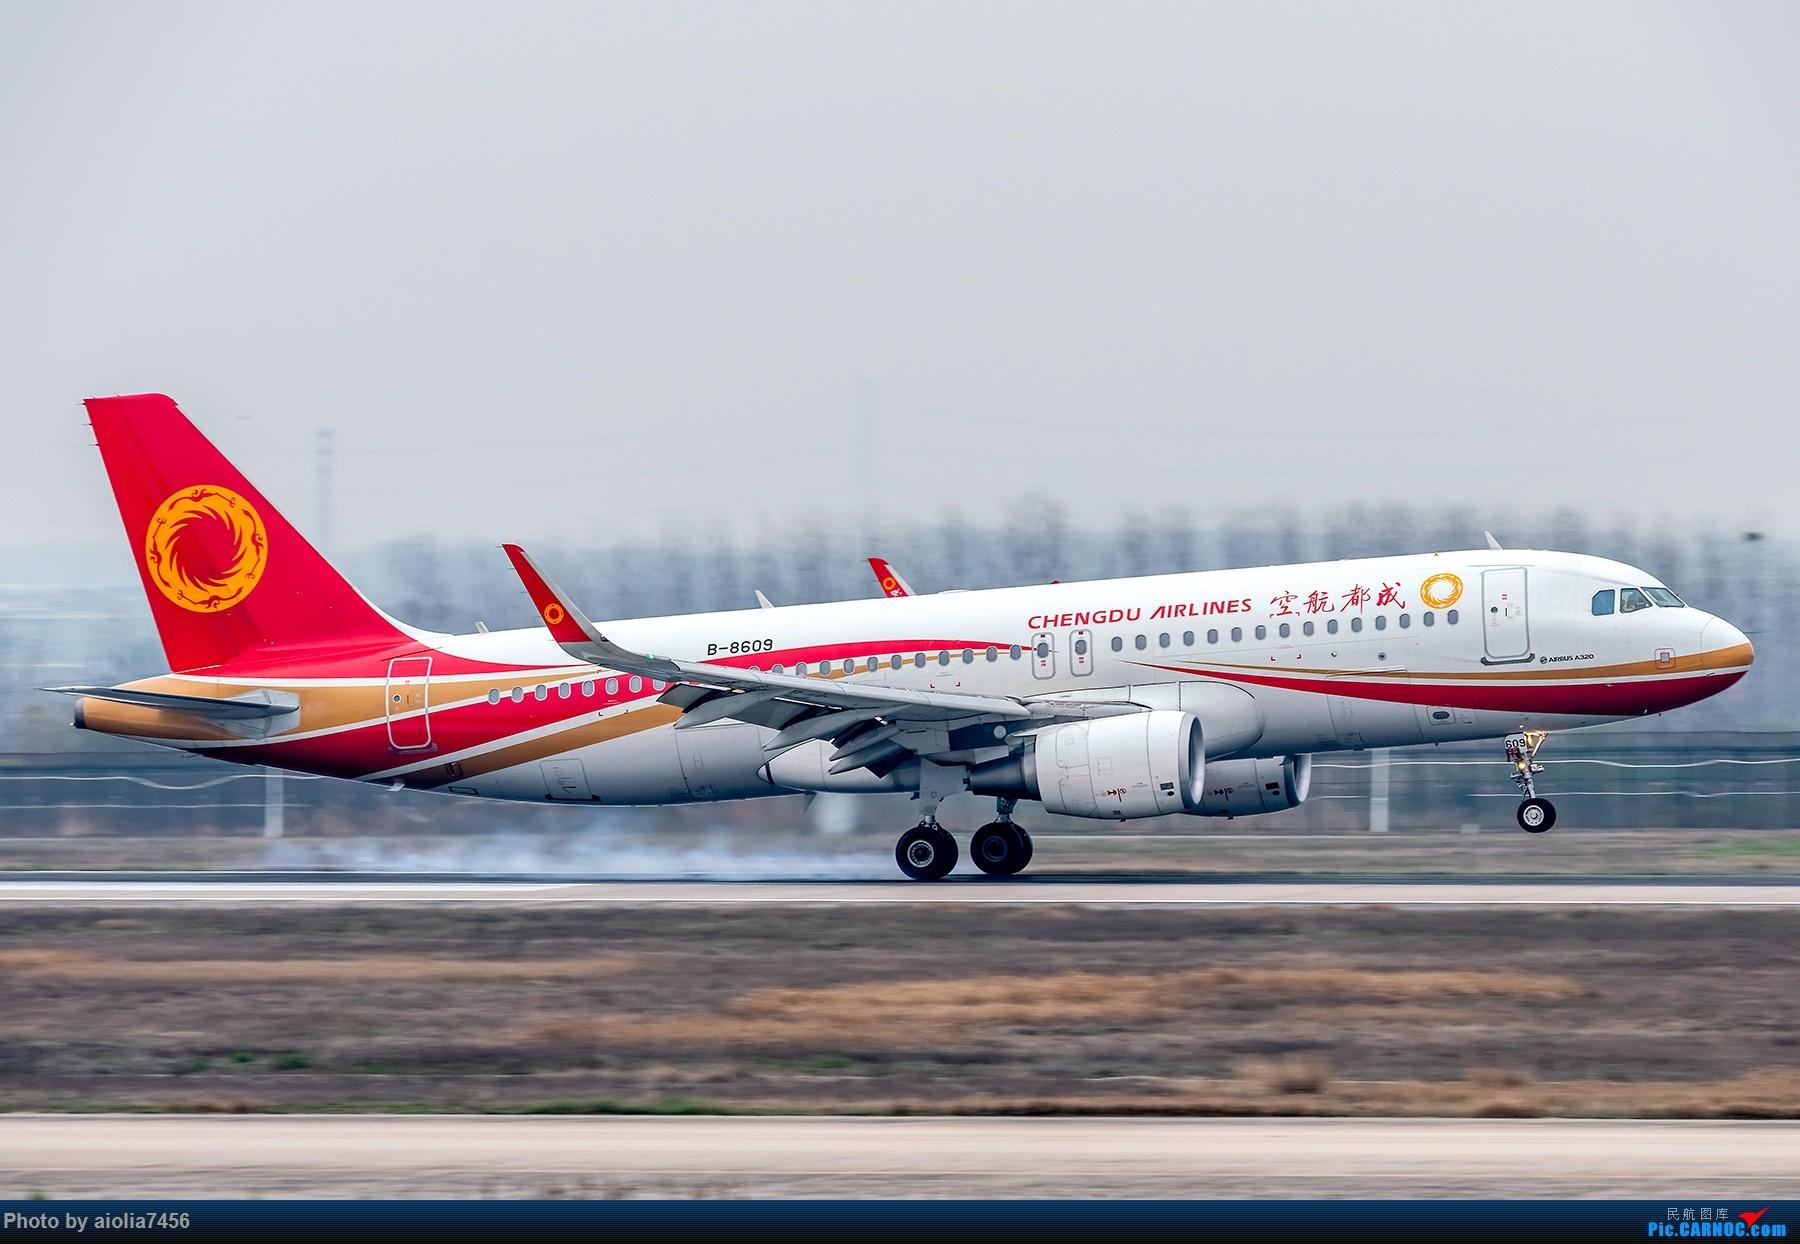 Re:[原创]{霸都打机队}儿子说,合肥为什么没有大飞机?(手动尴尬) AIRBUS A320-200 B-8609 中国合肥新桥国际机场